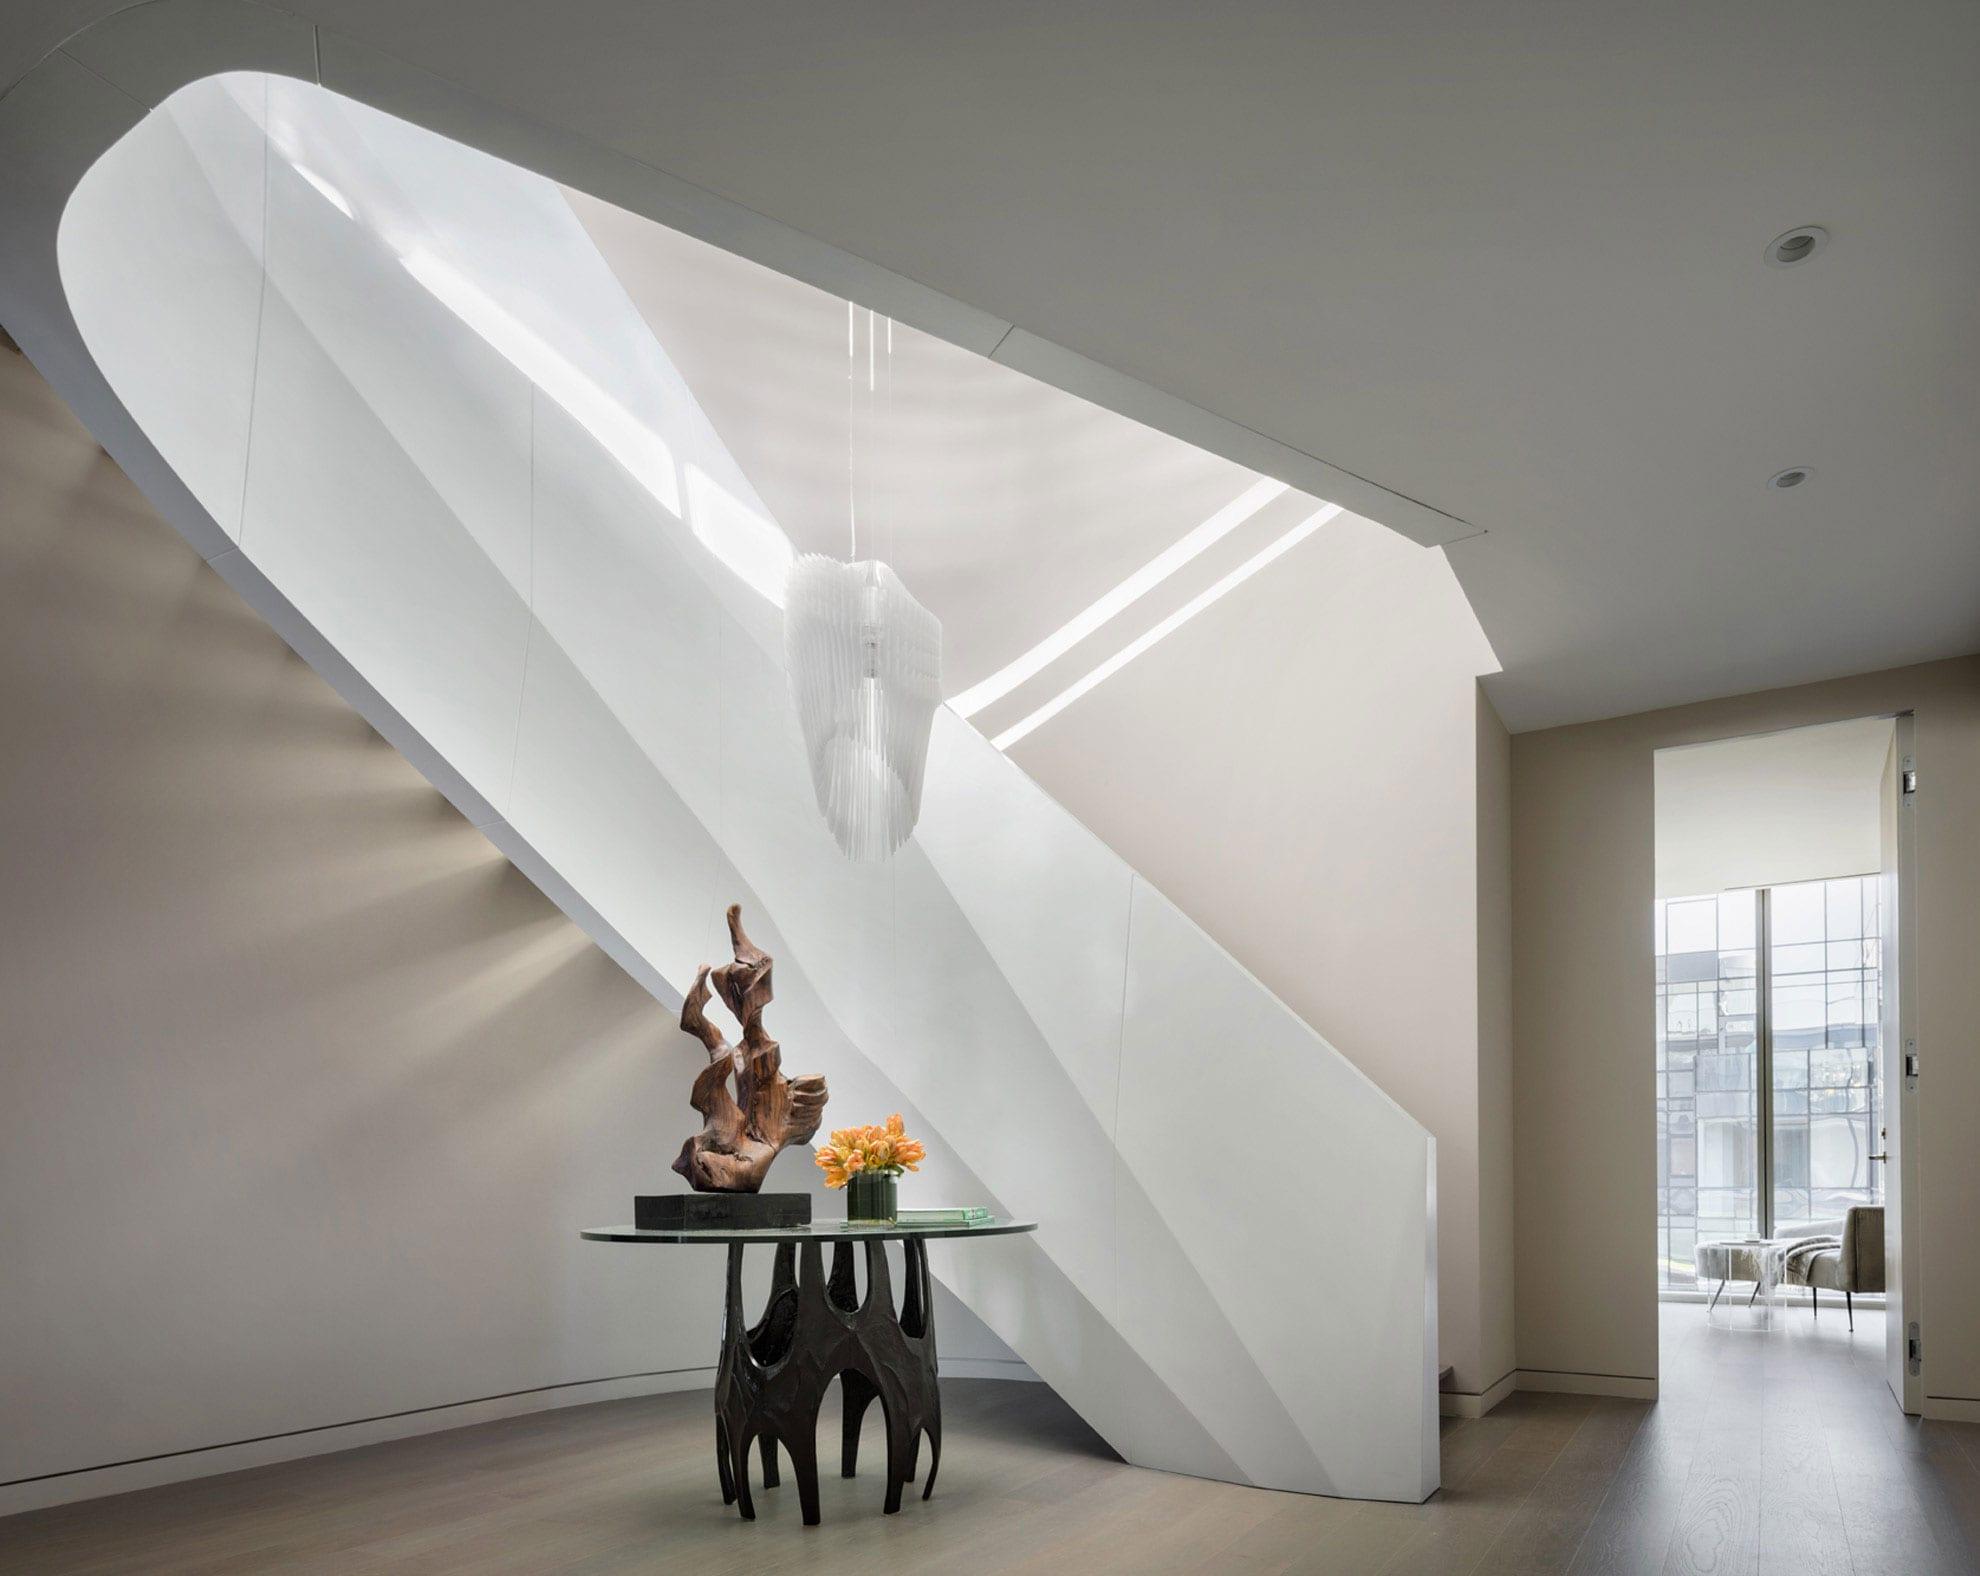 lichteffekte im raum durch attraktives treppen design einer innentreppe als skulpturale wendeltreppe mit weiß lackiertem metallgeländer